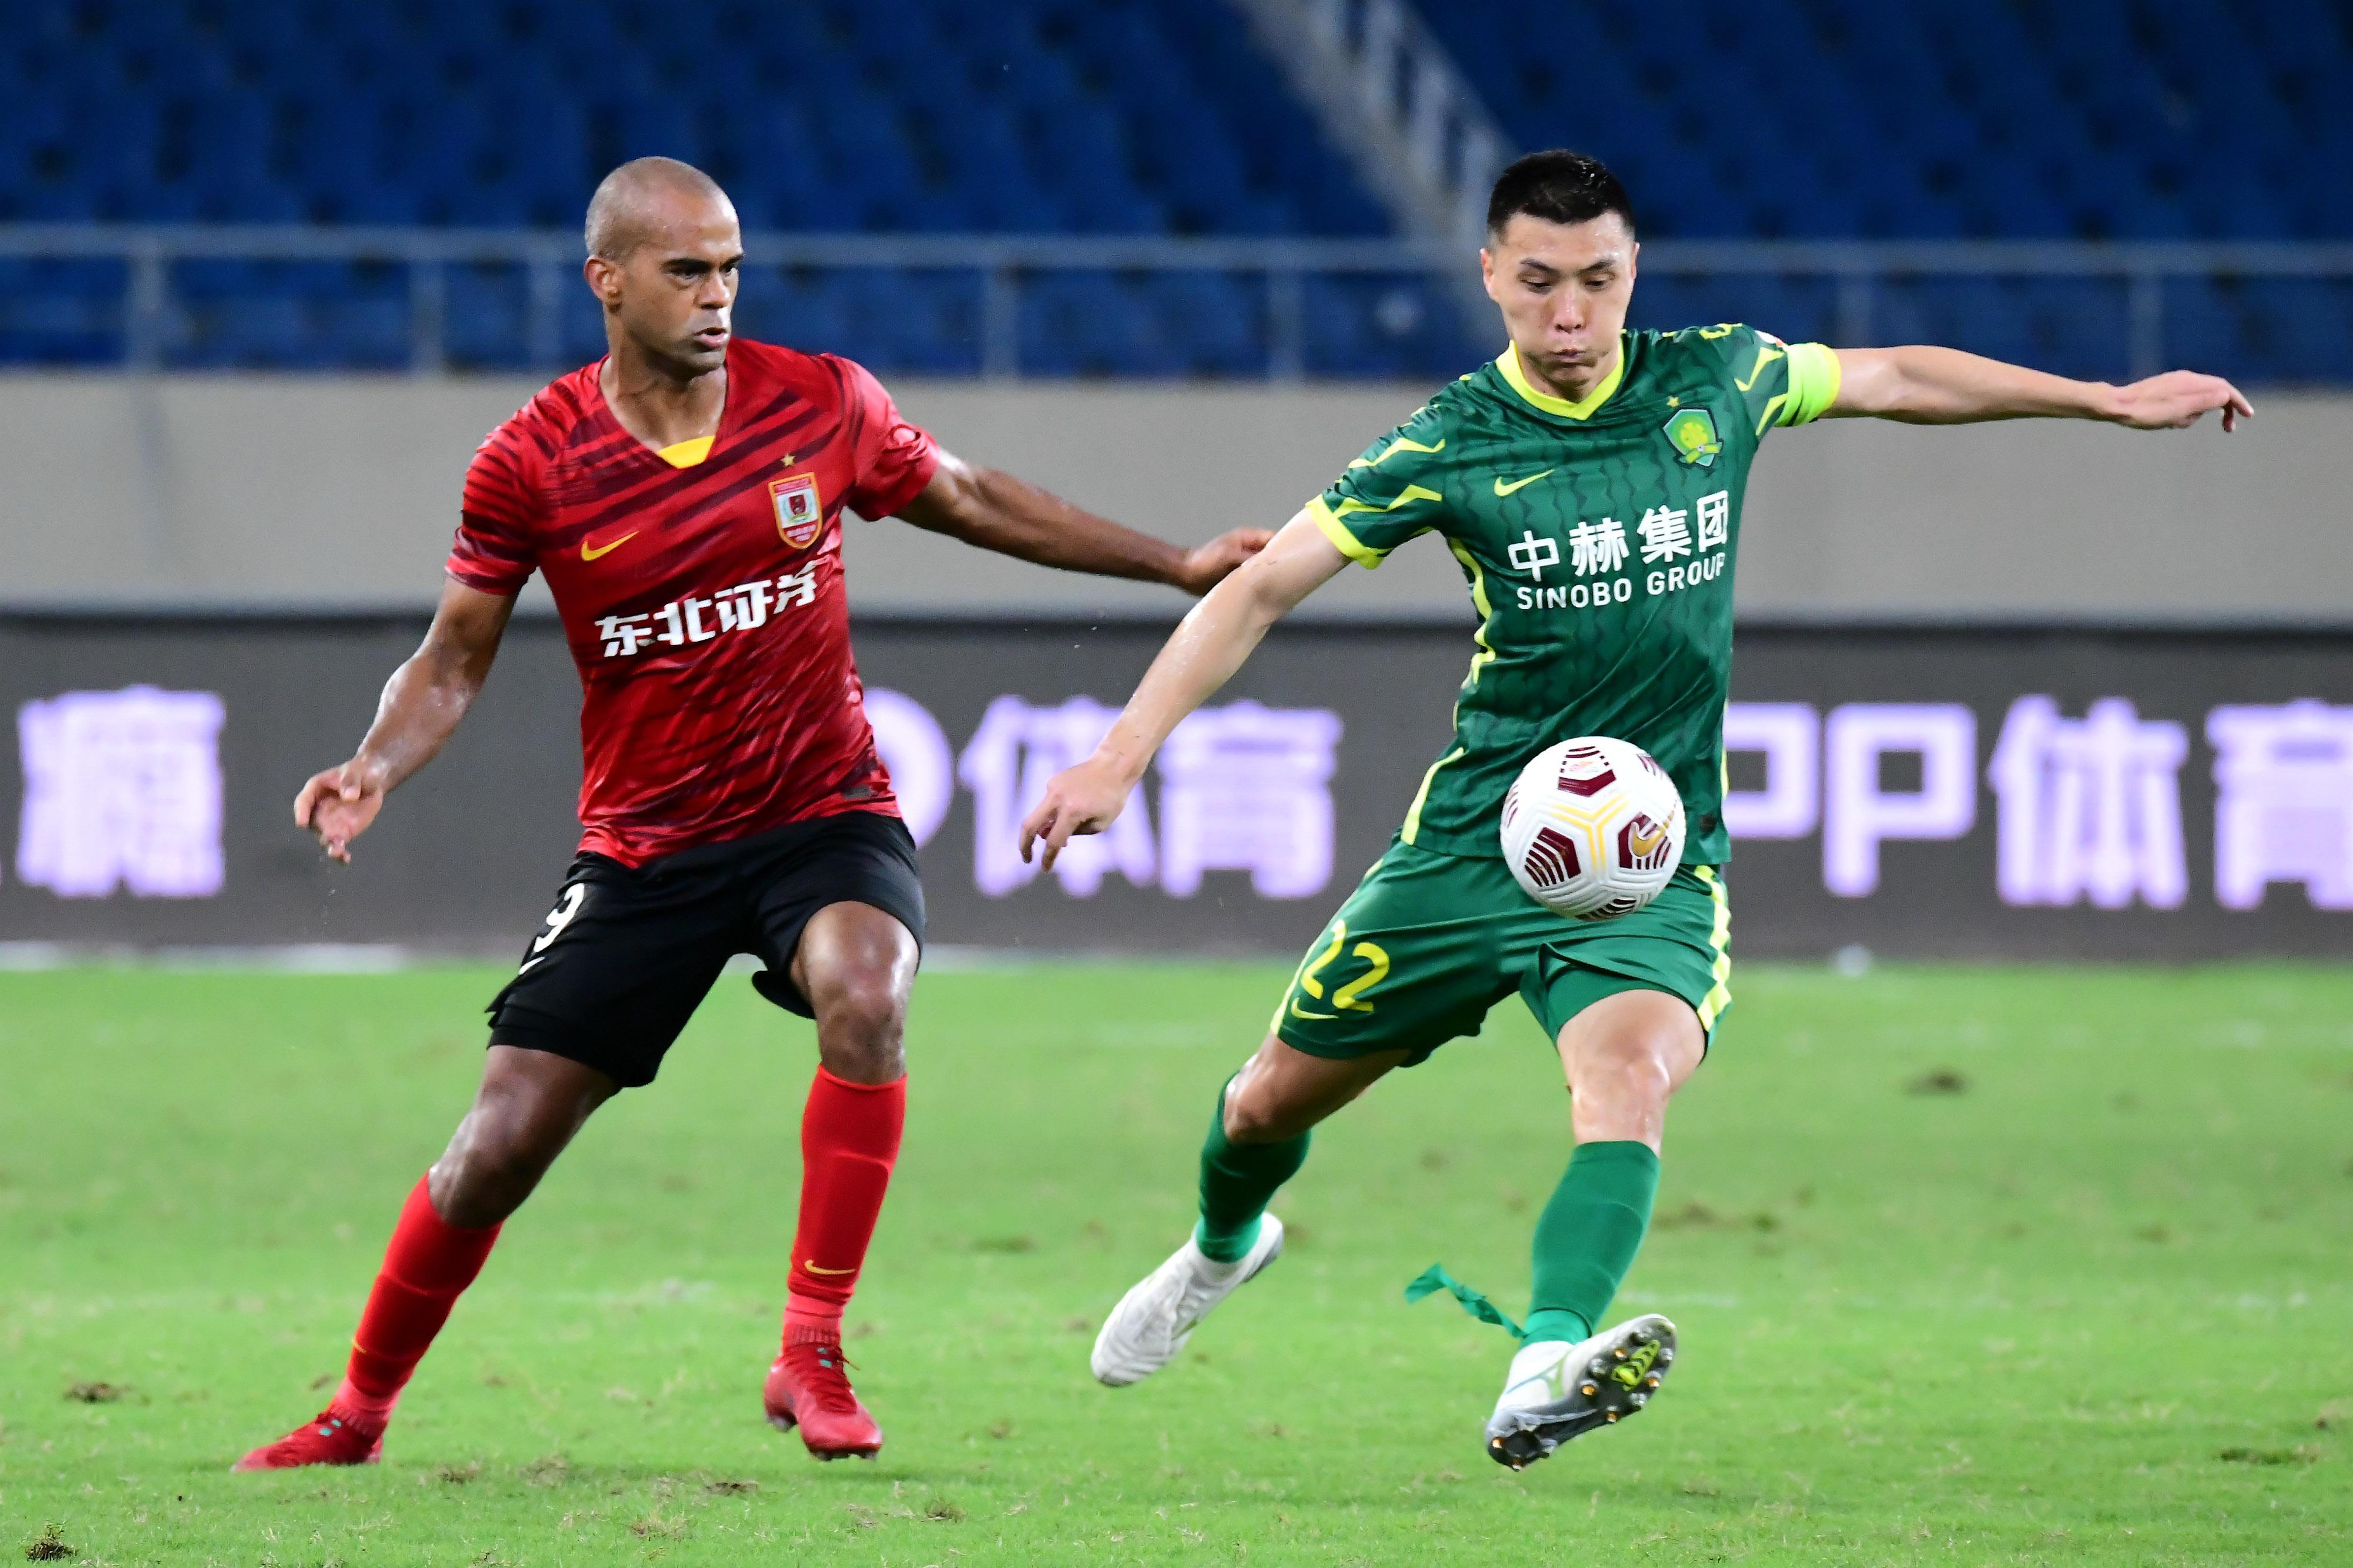 儒尼奥尔:给自己中超首阶段打9分,主教练陈洋对足球疯狂